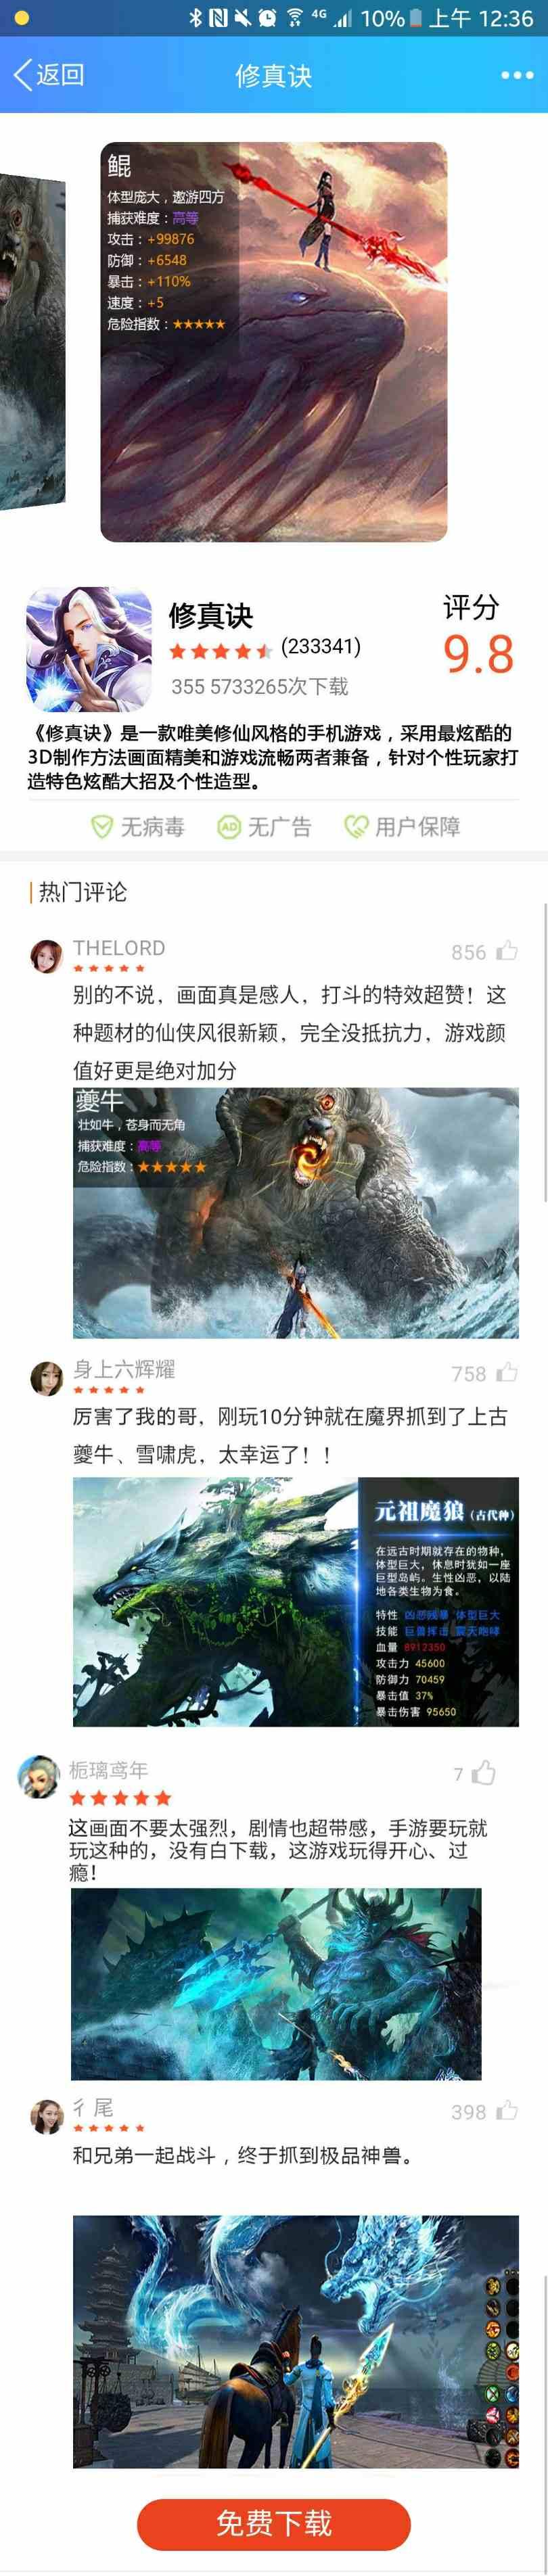 冒死探秘广告页游,死羊羊 下载游戏下载游戏下载游戏下载